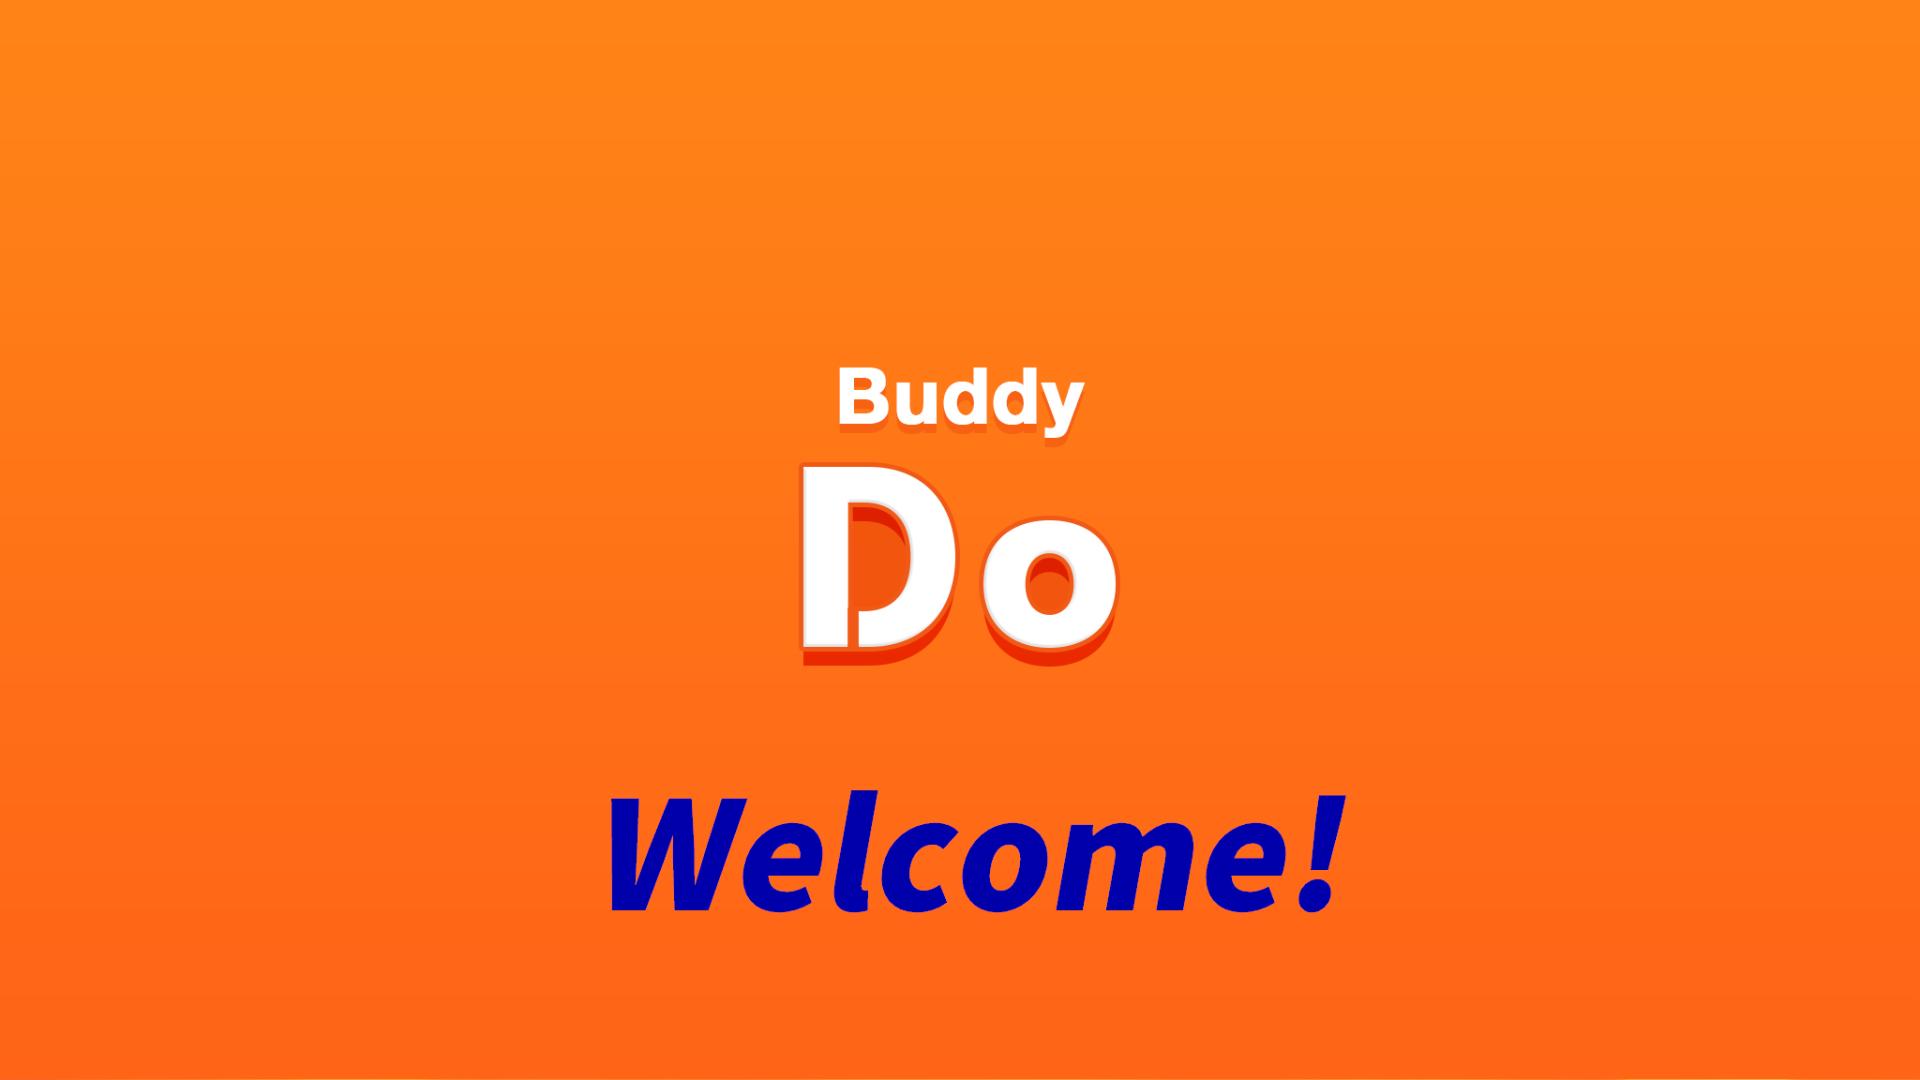 BuddyDoYoutubeBanner@2x_welcome